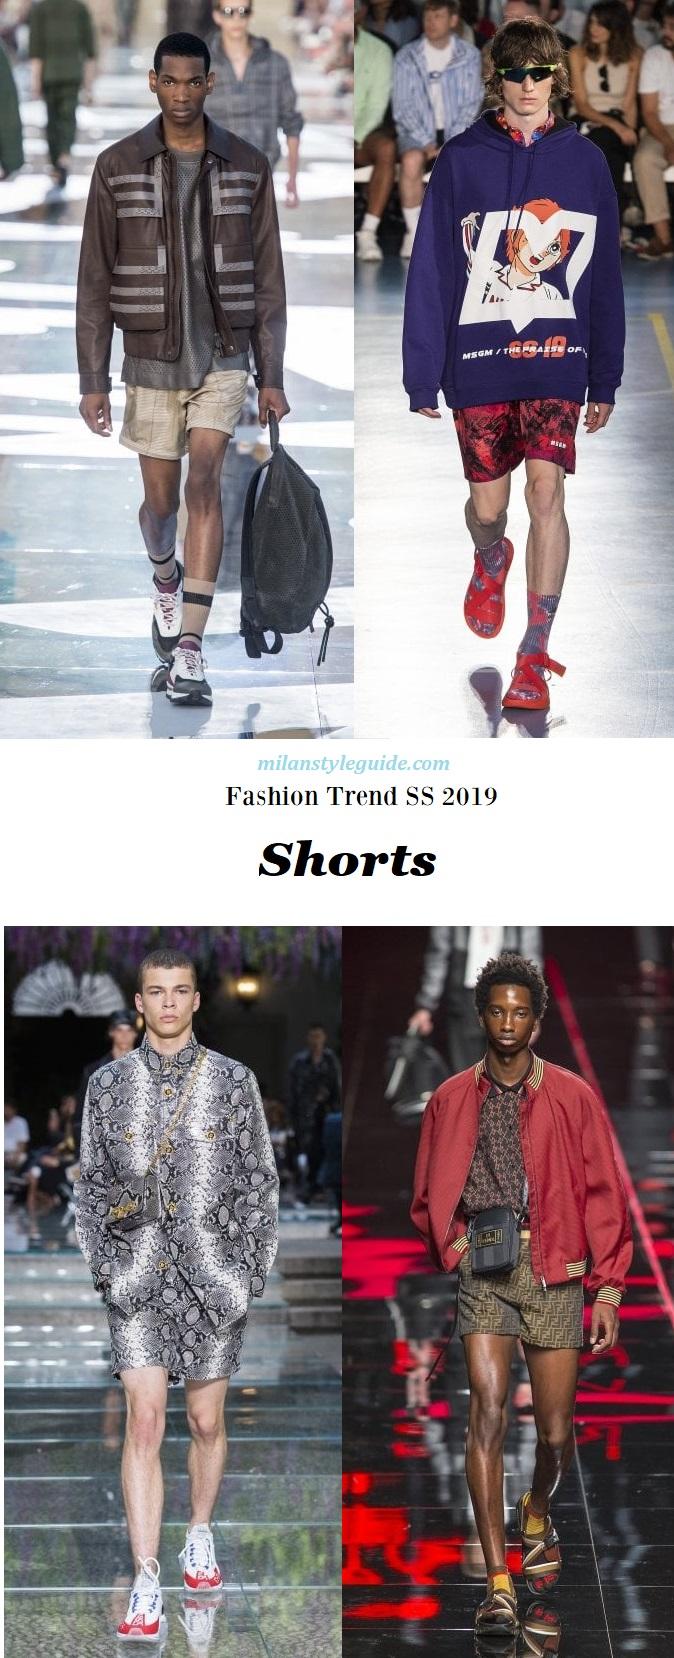 Смотреть Модный в 2019 году графичный принт графика видео